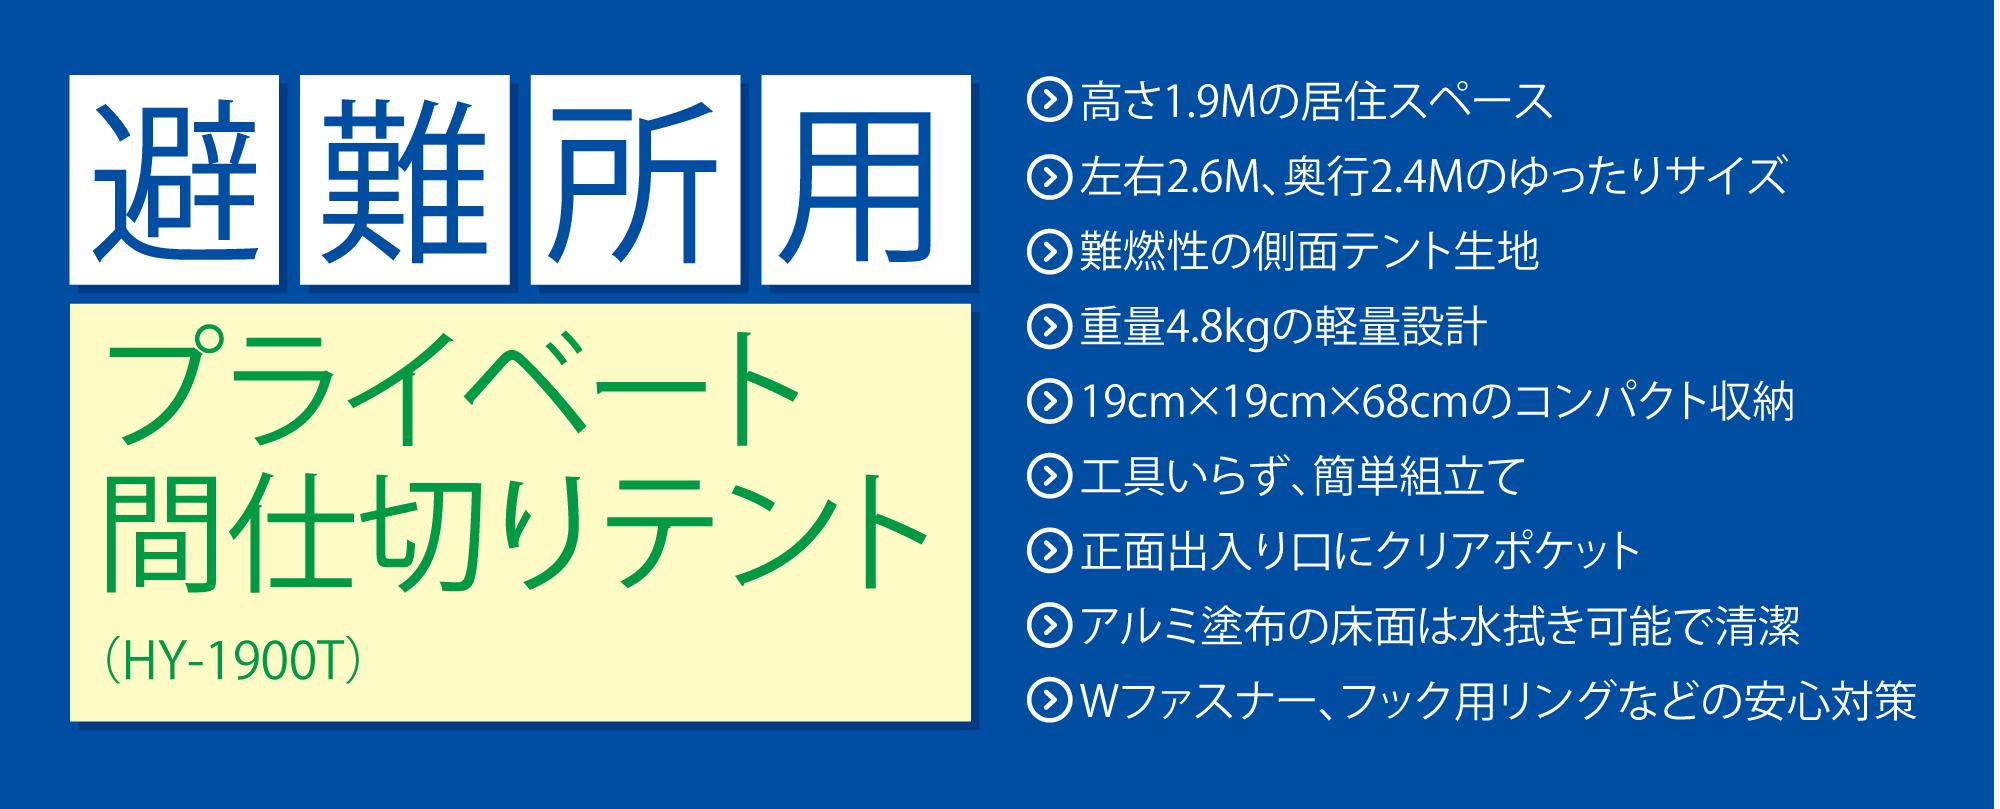 避難所用プライベート間仕切りテント(HY-1900T)